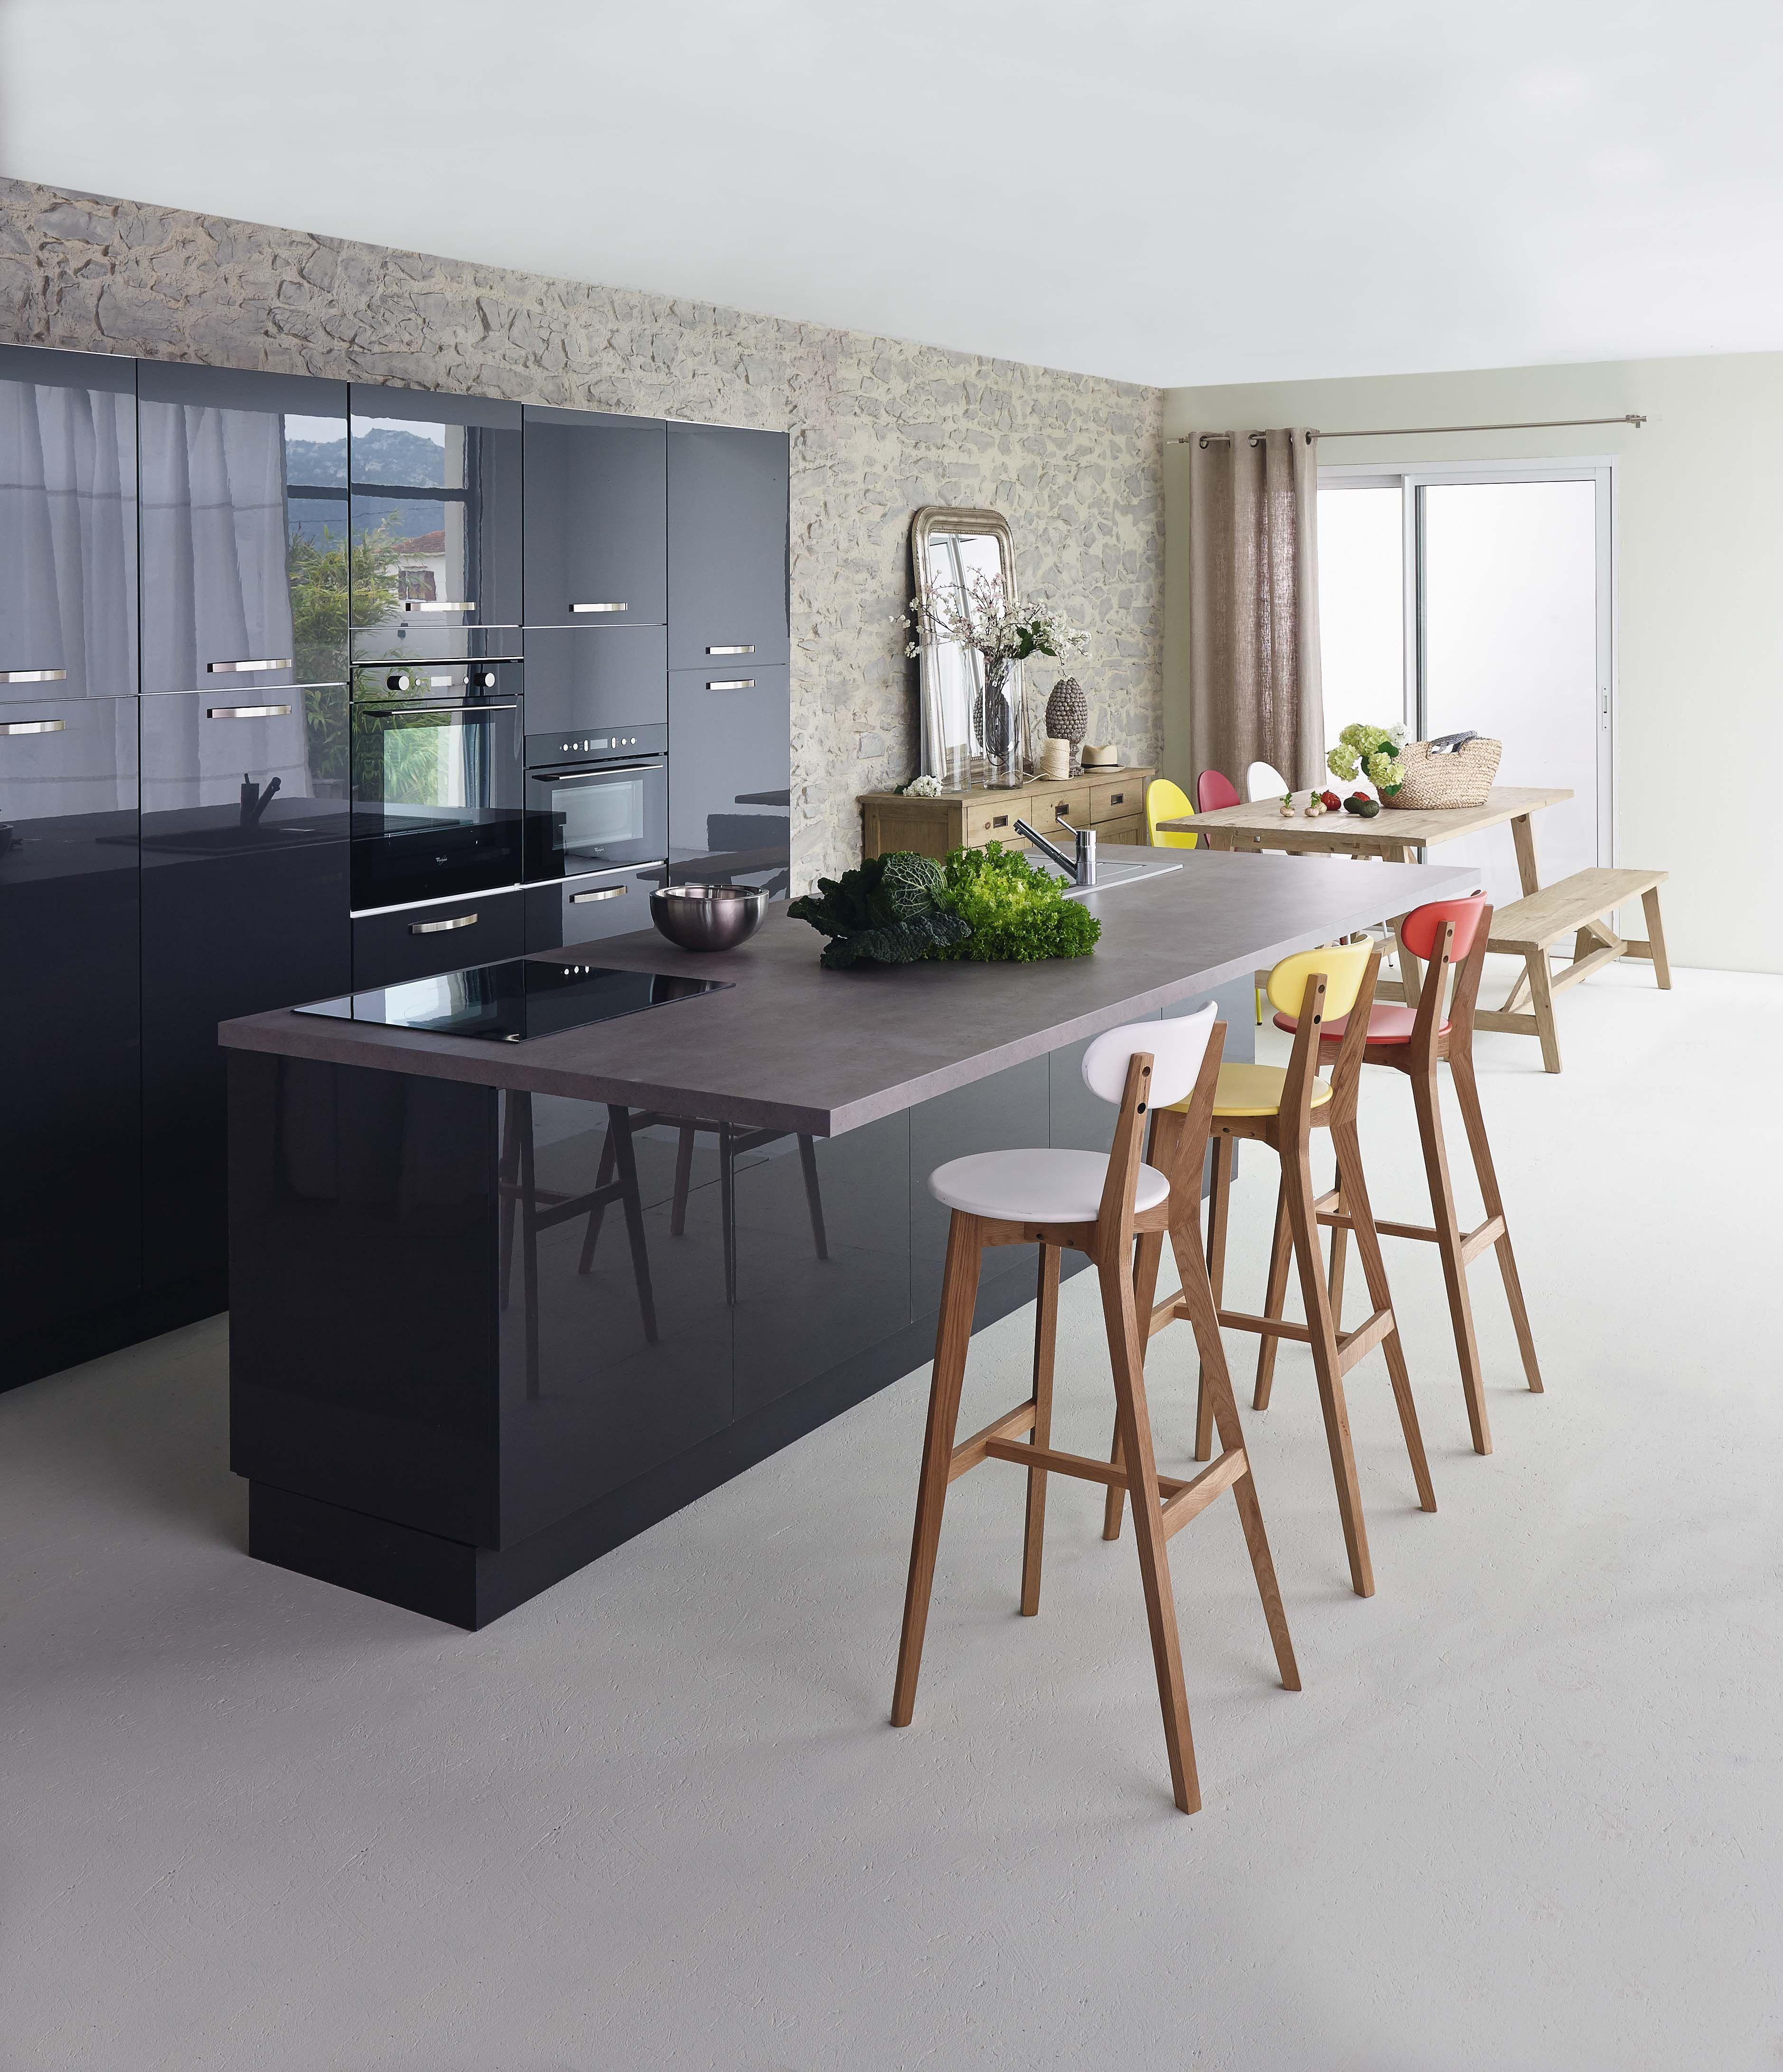 à Découvrir Très Prochainement Sur Alinéafr MASAROV MOBILIER - Alinea chaises de cuisine pour idees de deco de cuisine